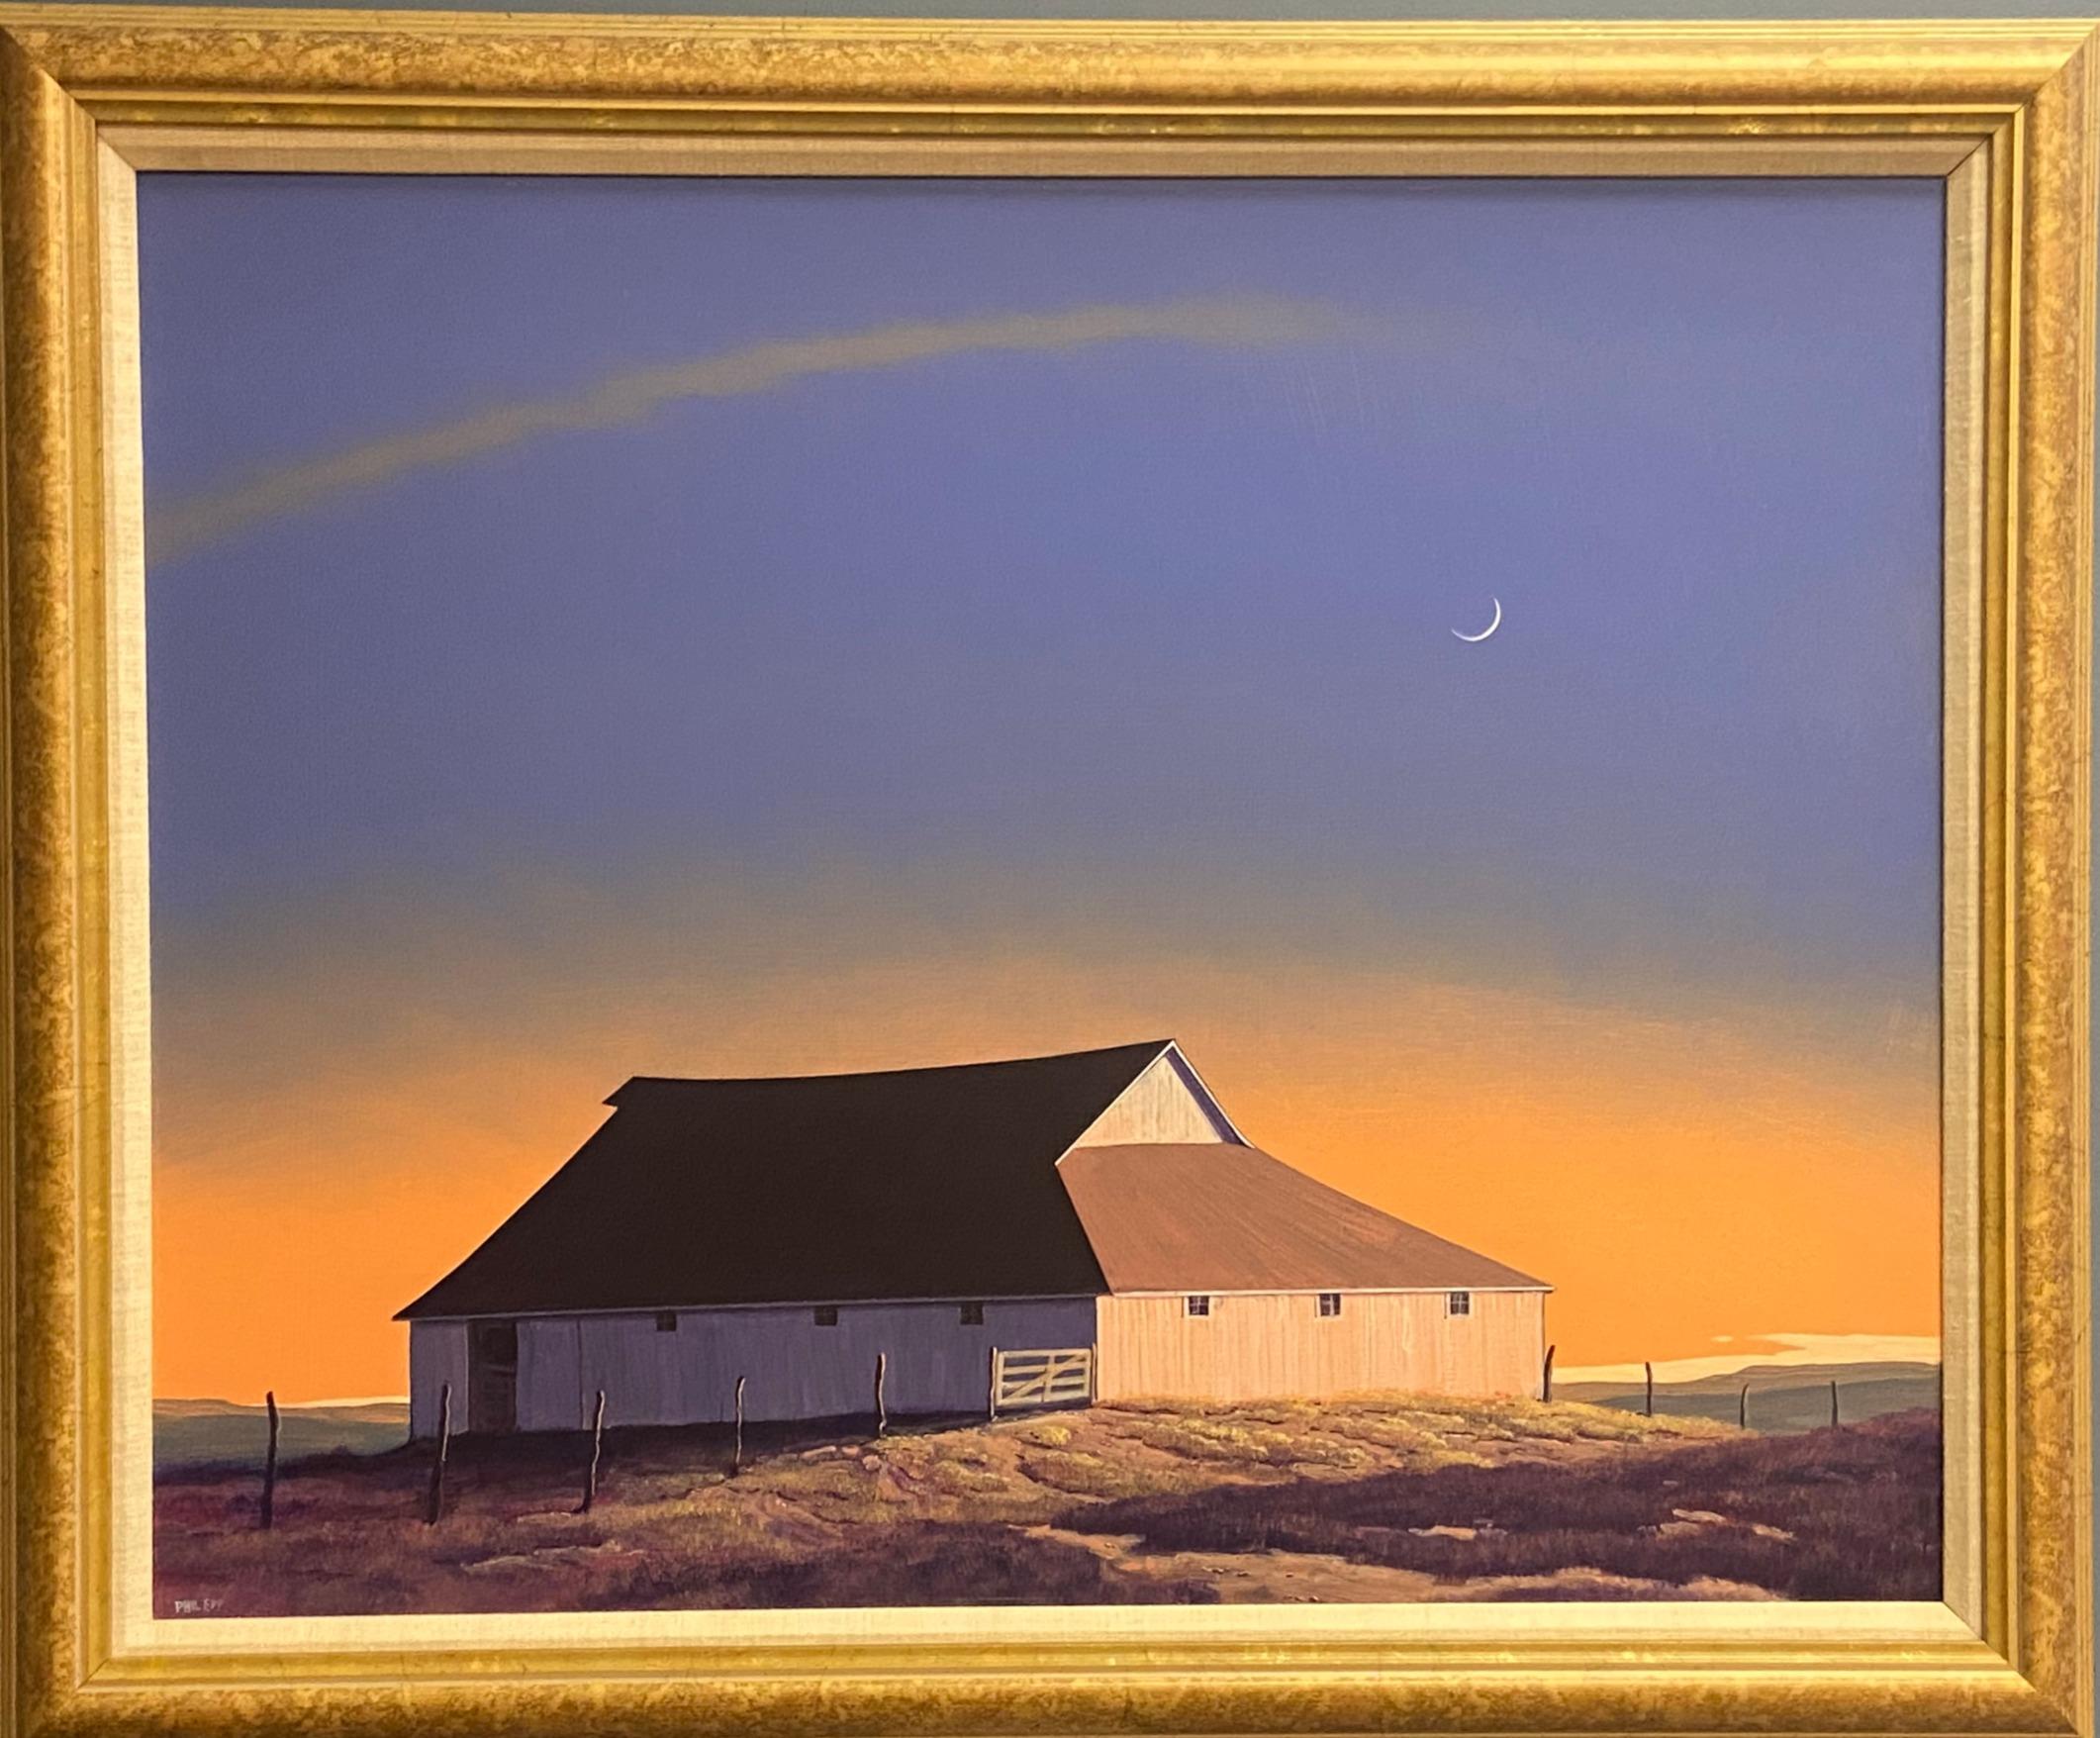 Barn in Moonlight